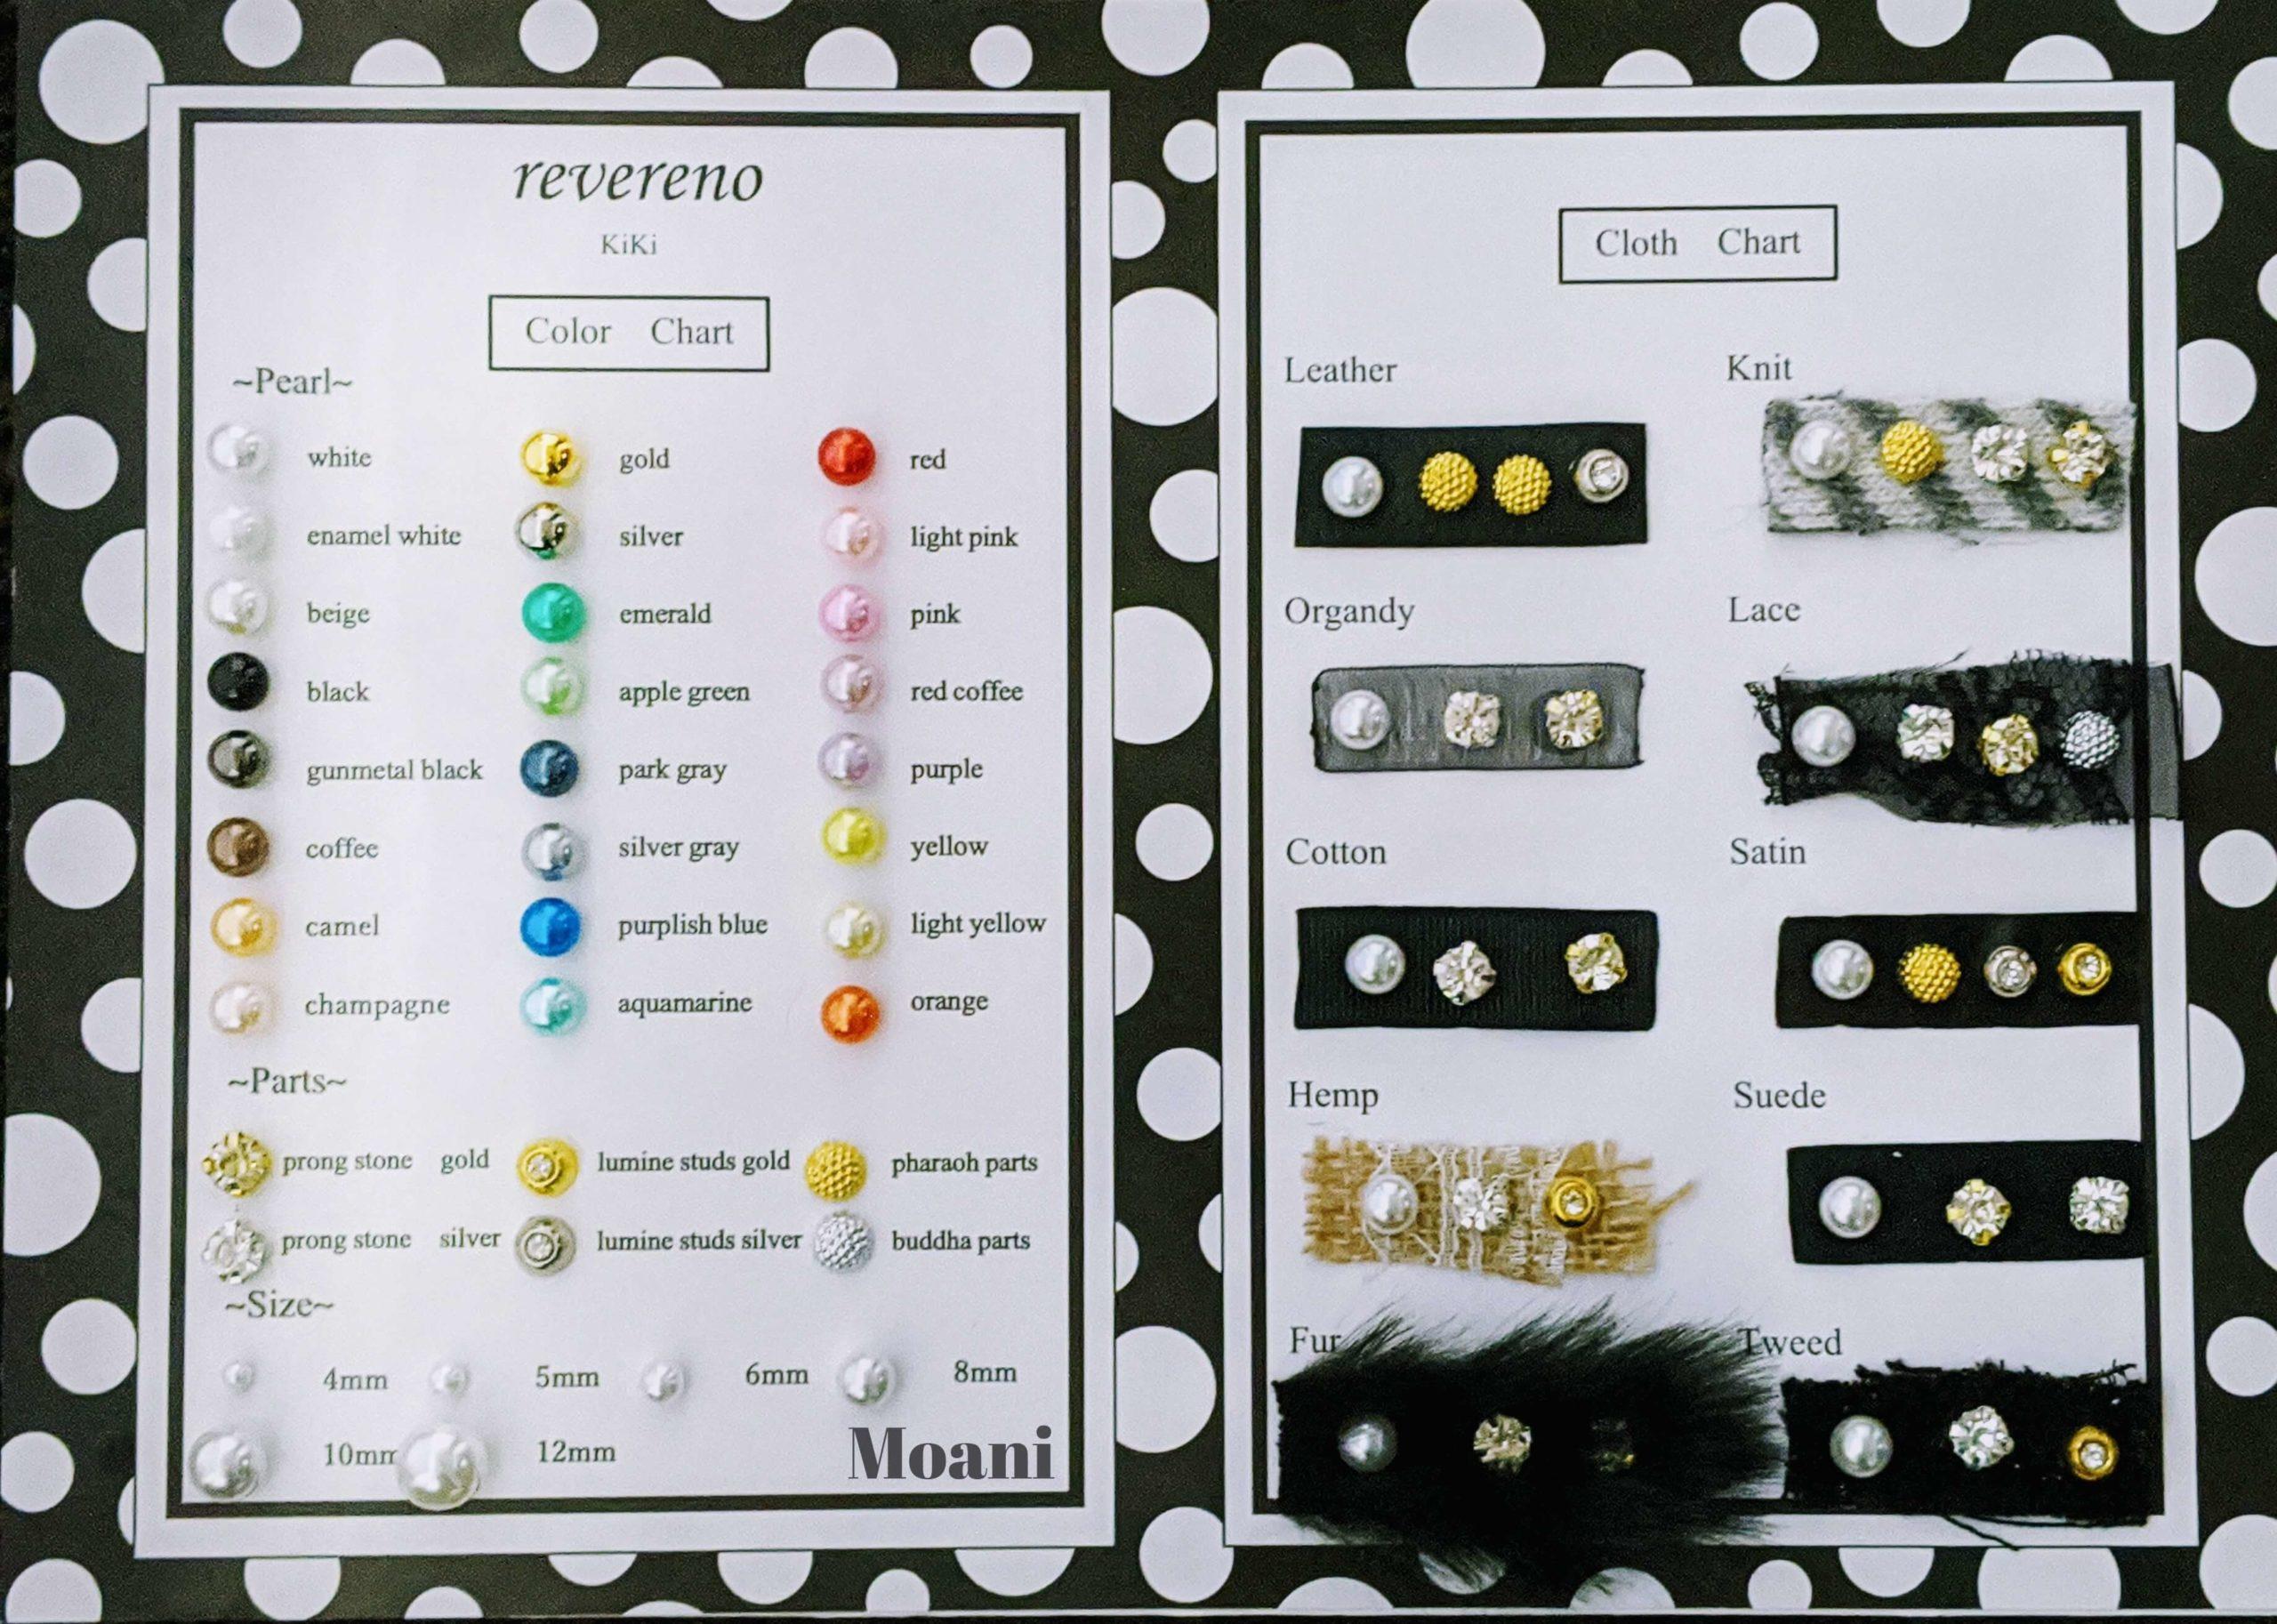 【reveリーノ】リベリーノ スキルアップレッスンを受講すると作れるカラーチャートとクロスチャート。 パールの打ち方、外し方、パーツの種類、布によっての打ち方の違いをレッスンいたします。